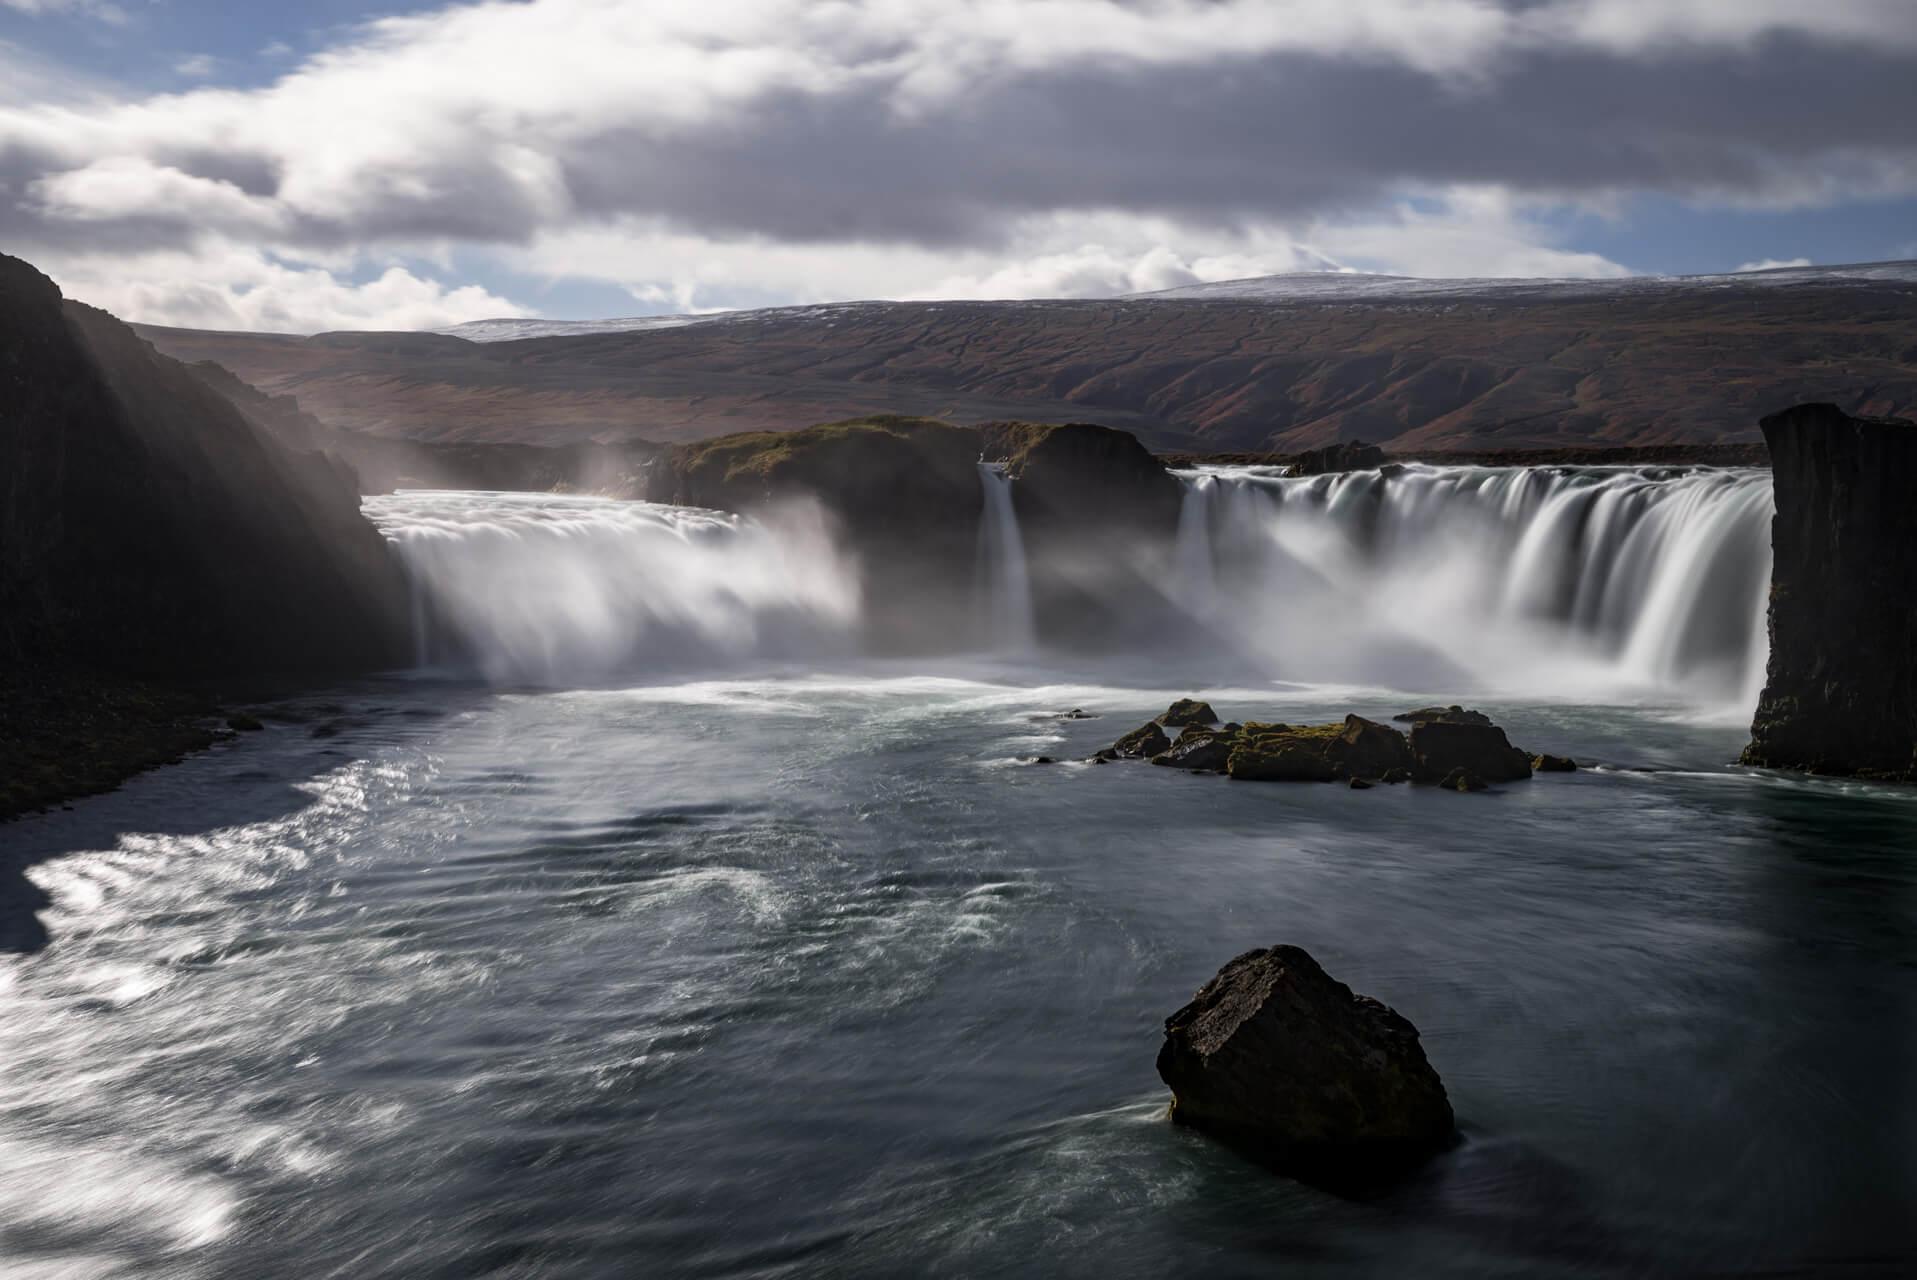 Island, Goðafoss, Oktober 2014; Fotograf Steffen Lohse